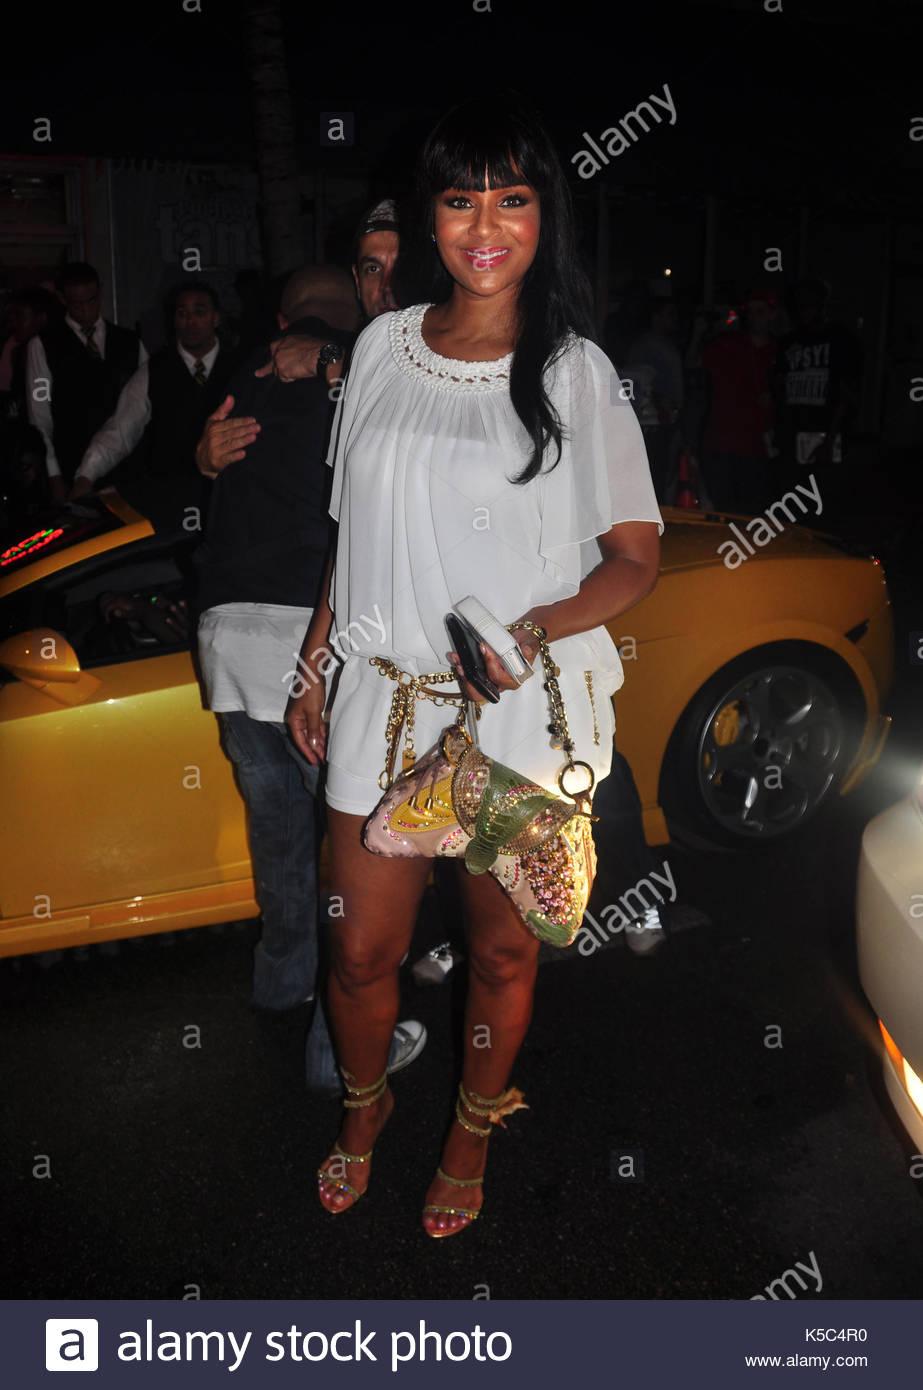 Lisa raye missick. lil' kim è raffigurato in her private festa di  compleanno al club mansion di South Beach. ella è arrivata in  corrispondenza di 2:30am e ...